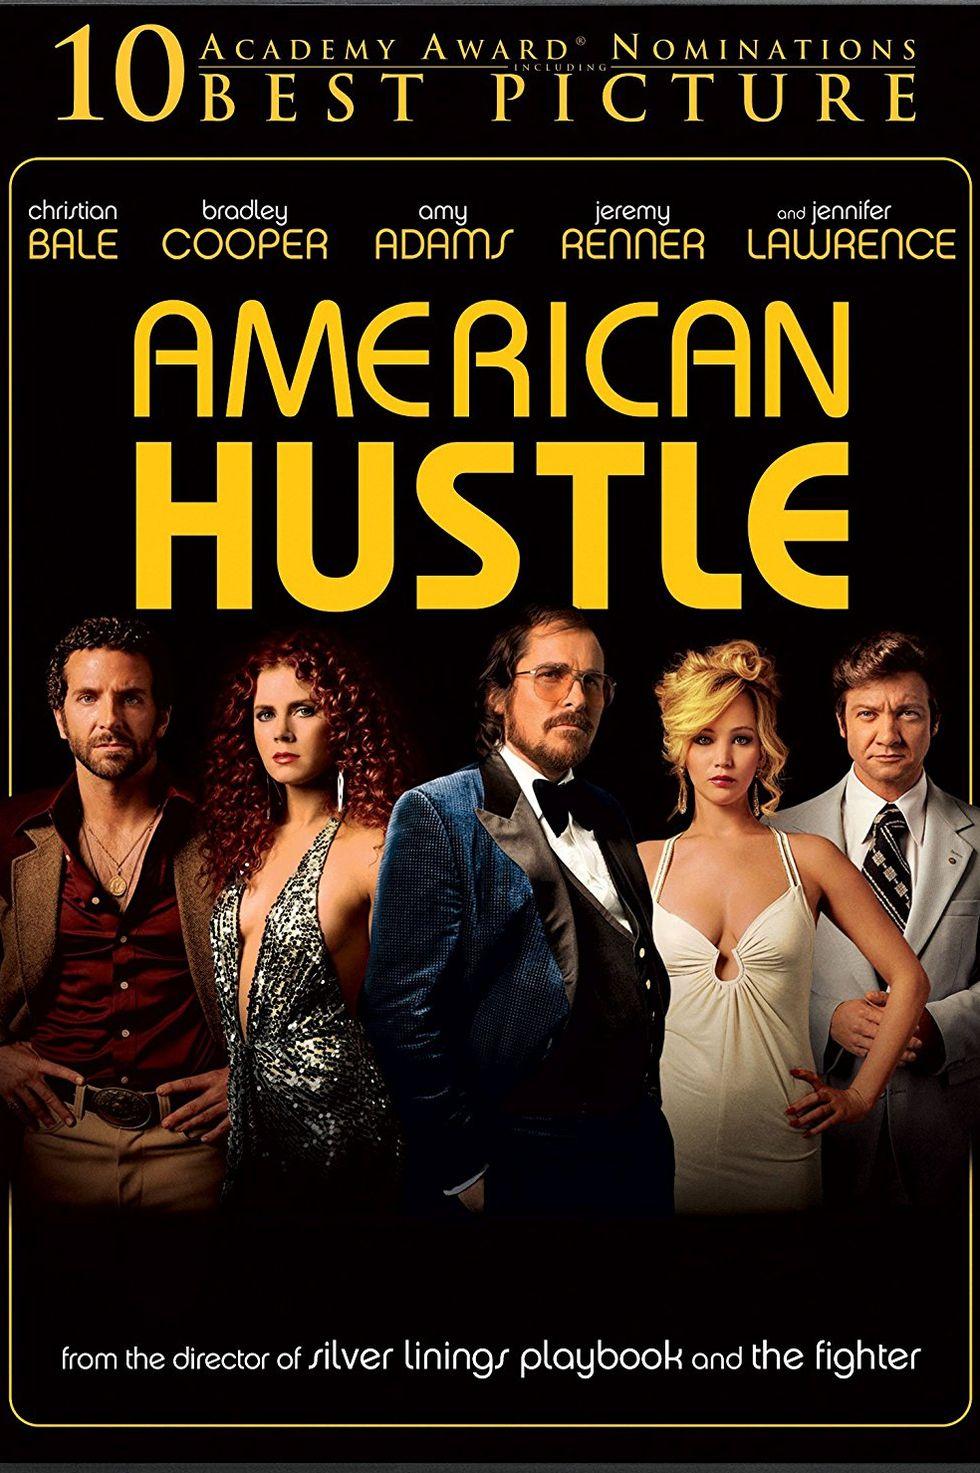 """""""Американска схема"""" (2013) Лентата е вдъхновена на операцията на ФБР – ABSCAM от края на 70-те и началото на 80-те години. Ървинг Розенфелд (Крисчън Бейл) и Сидни Проусър (Ейми Адамс) са умели измамници и партньори в редица престъпления в Ню Джърси. ФБР агентът Ричи Димазо (Брадли Купър) обаче успява да ги залови. Както и в """"Хвани ме, ако можеш"""", има сделка на полицията с мафиотите и двамата се оказват ценни помощници в очистването на източния щат от крупни престъпници."""